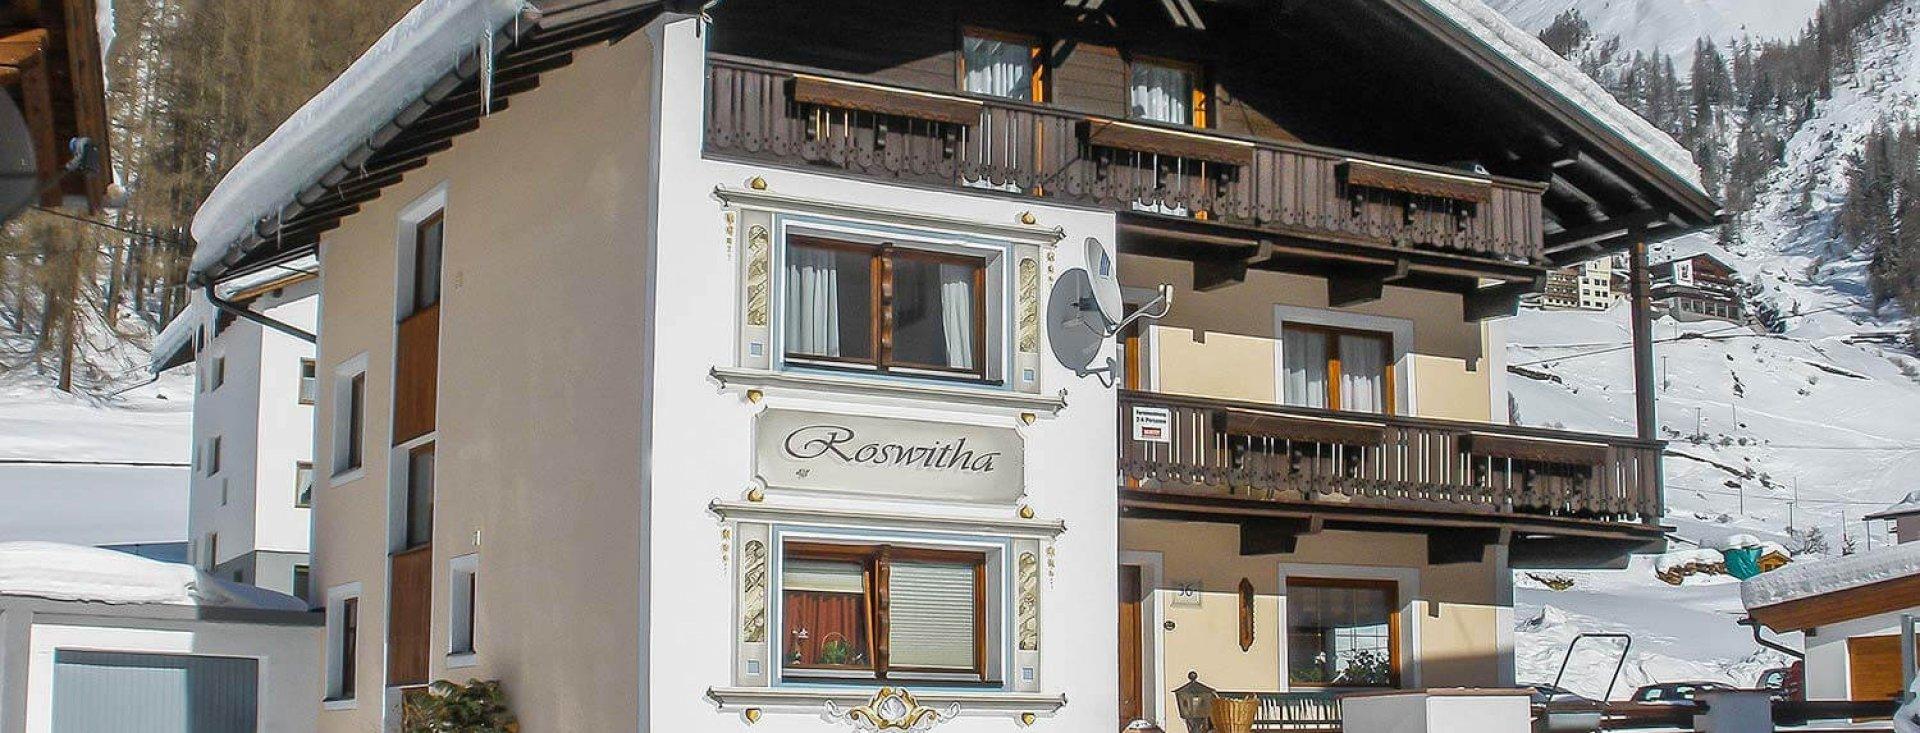 Winterbilder-Haus-Roswitha-und-Apart-Silvana-012